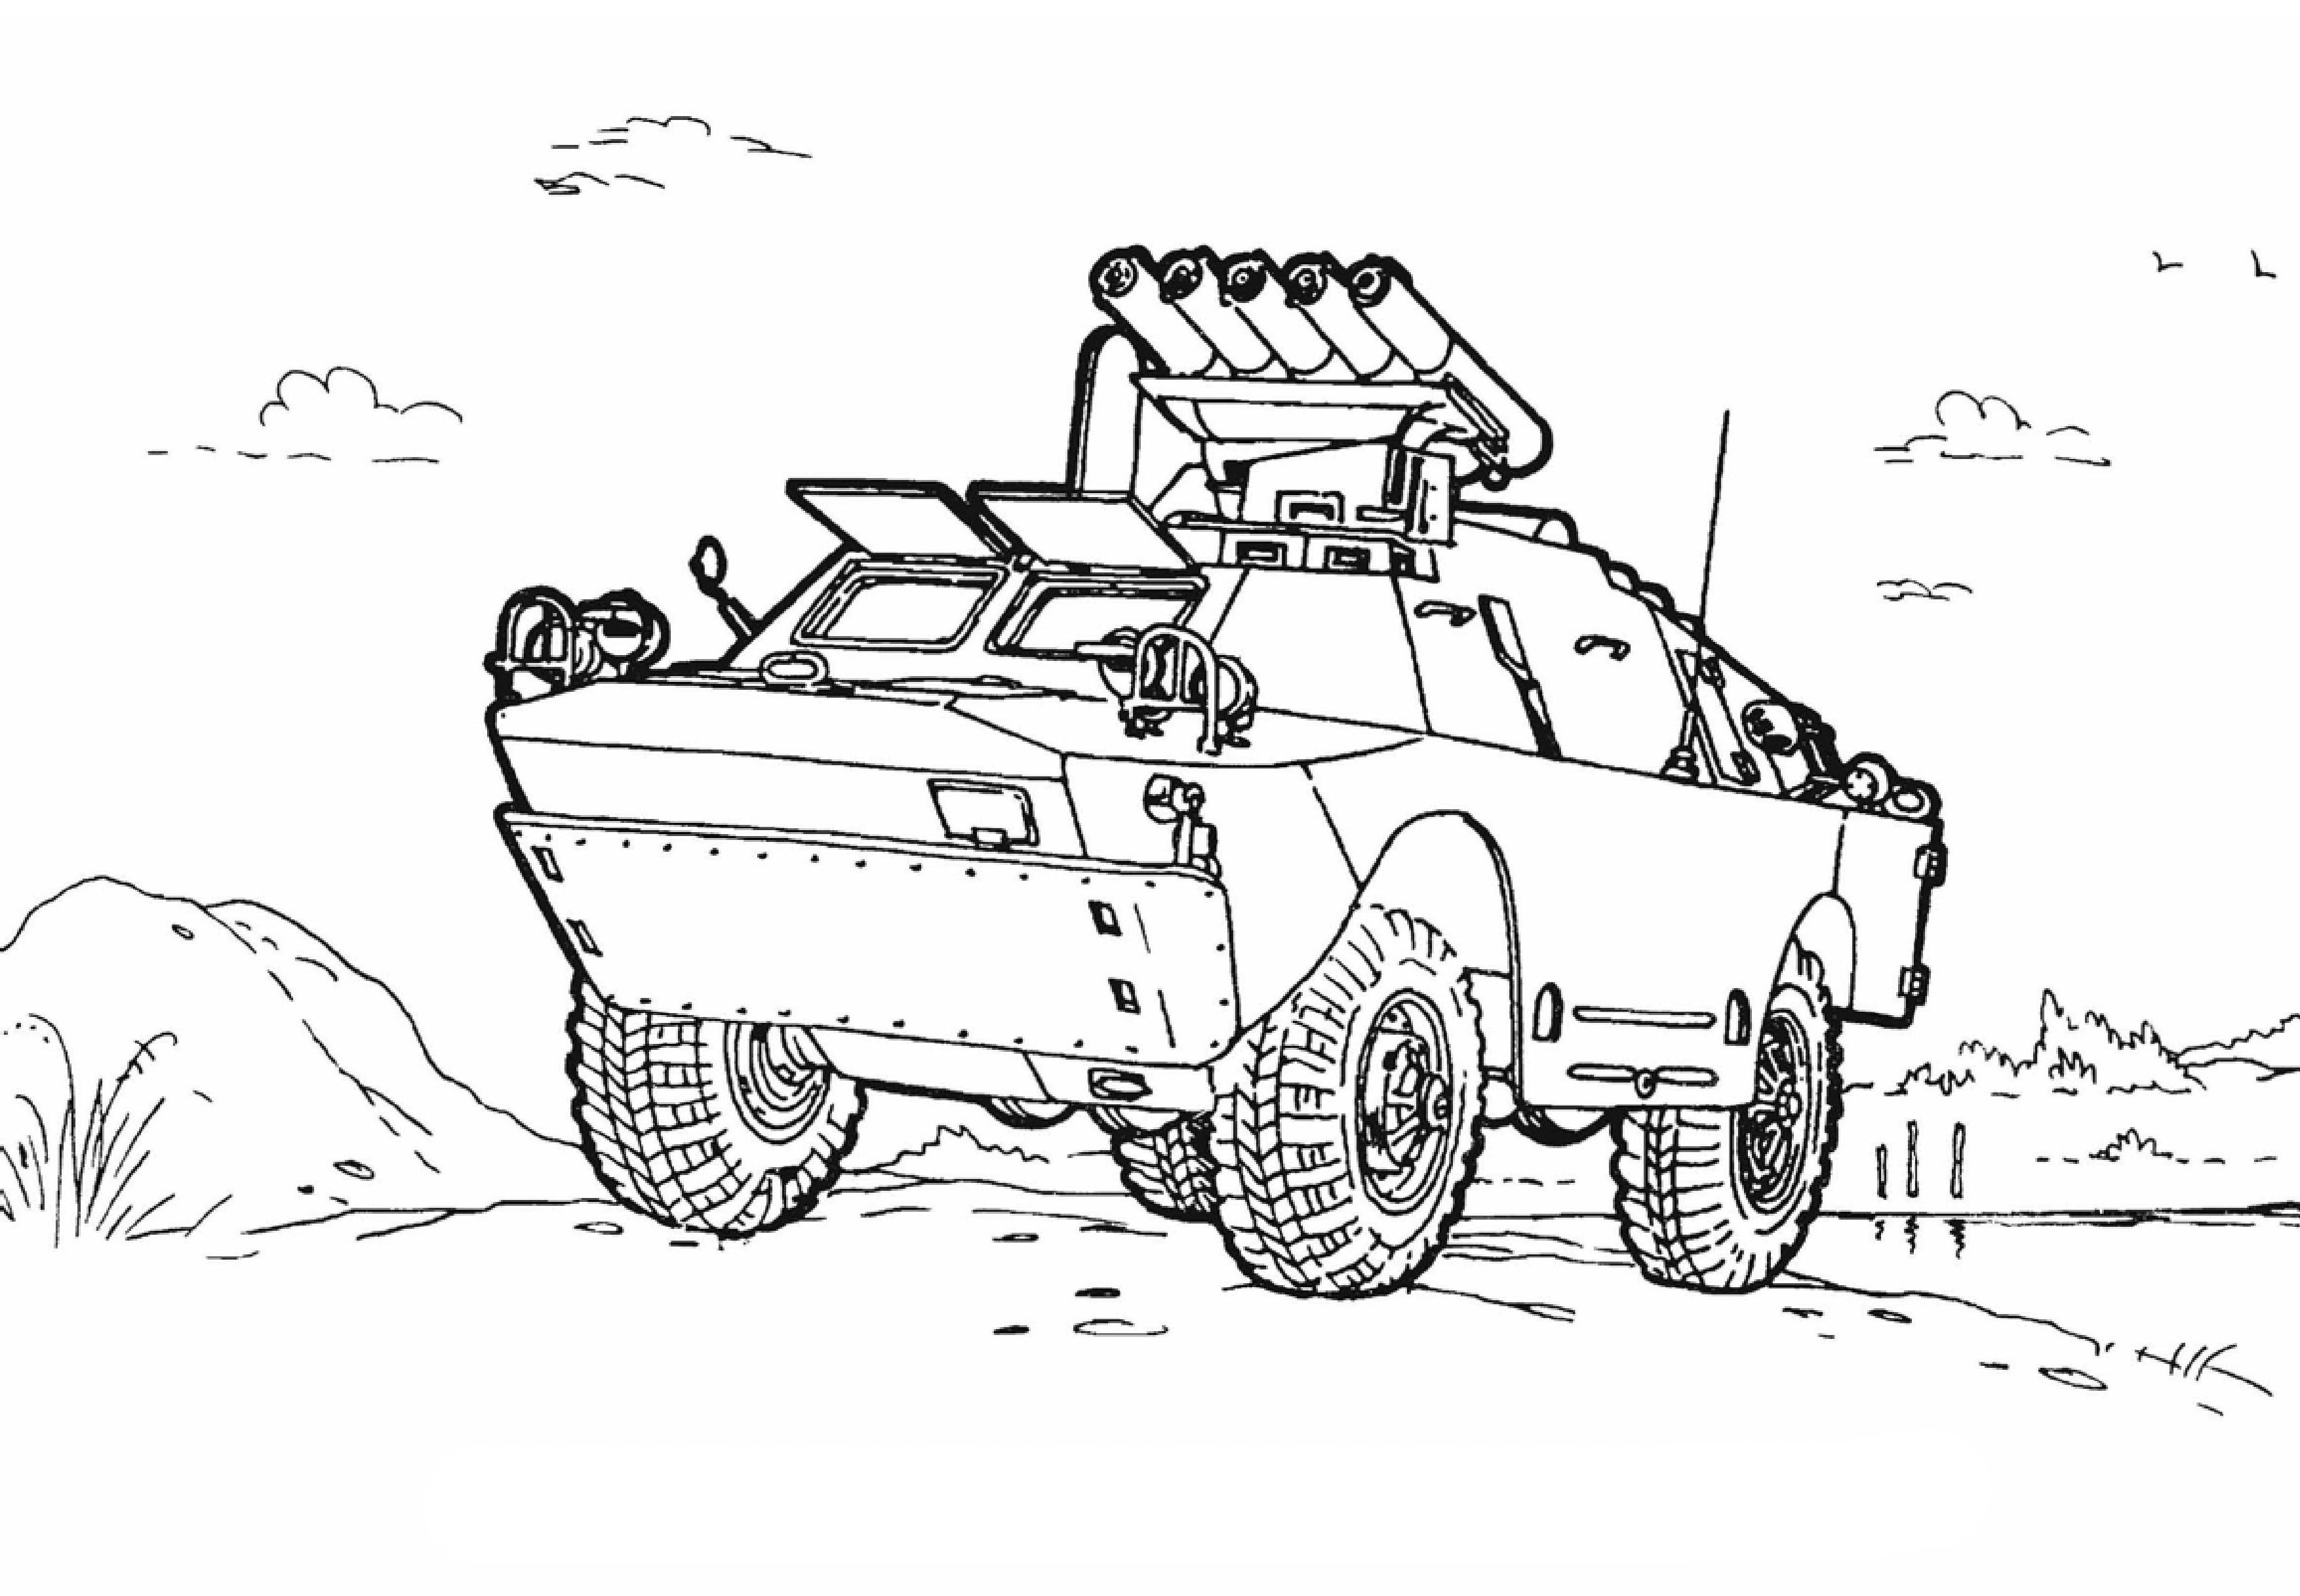 tiger tank kleurplaat ausmalbilder malvorlagen  panzer